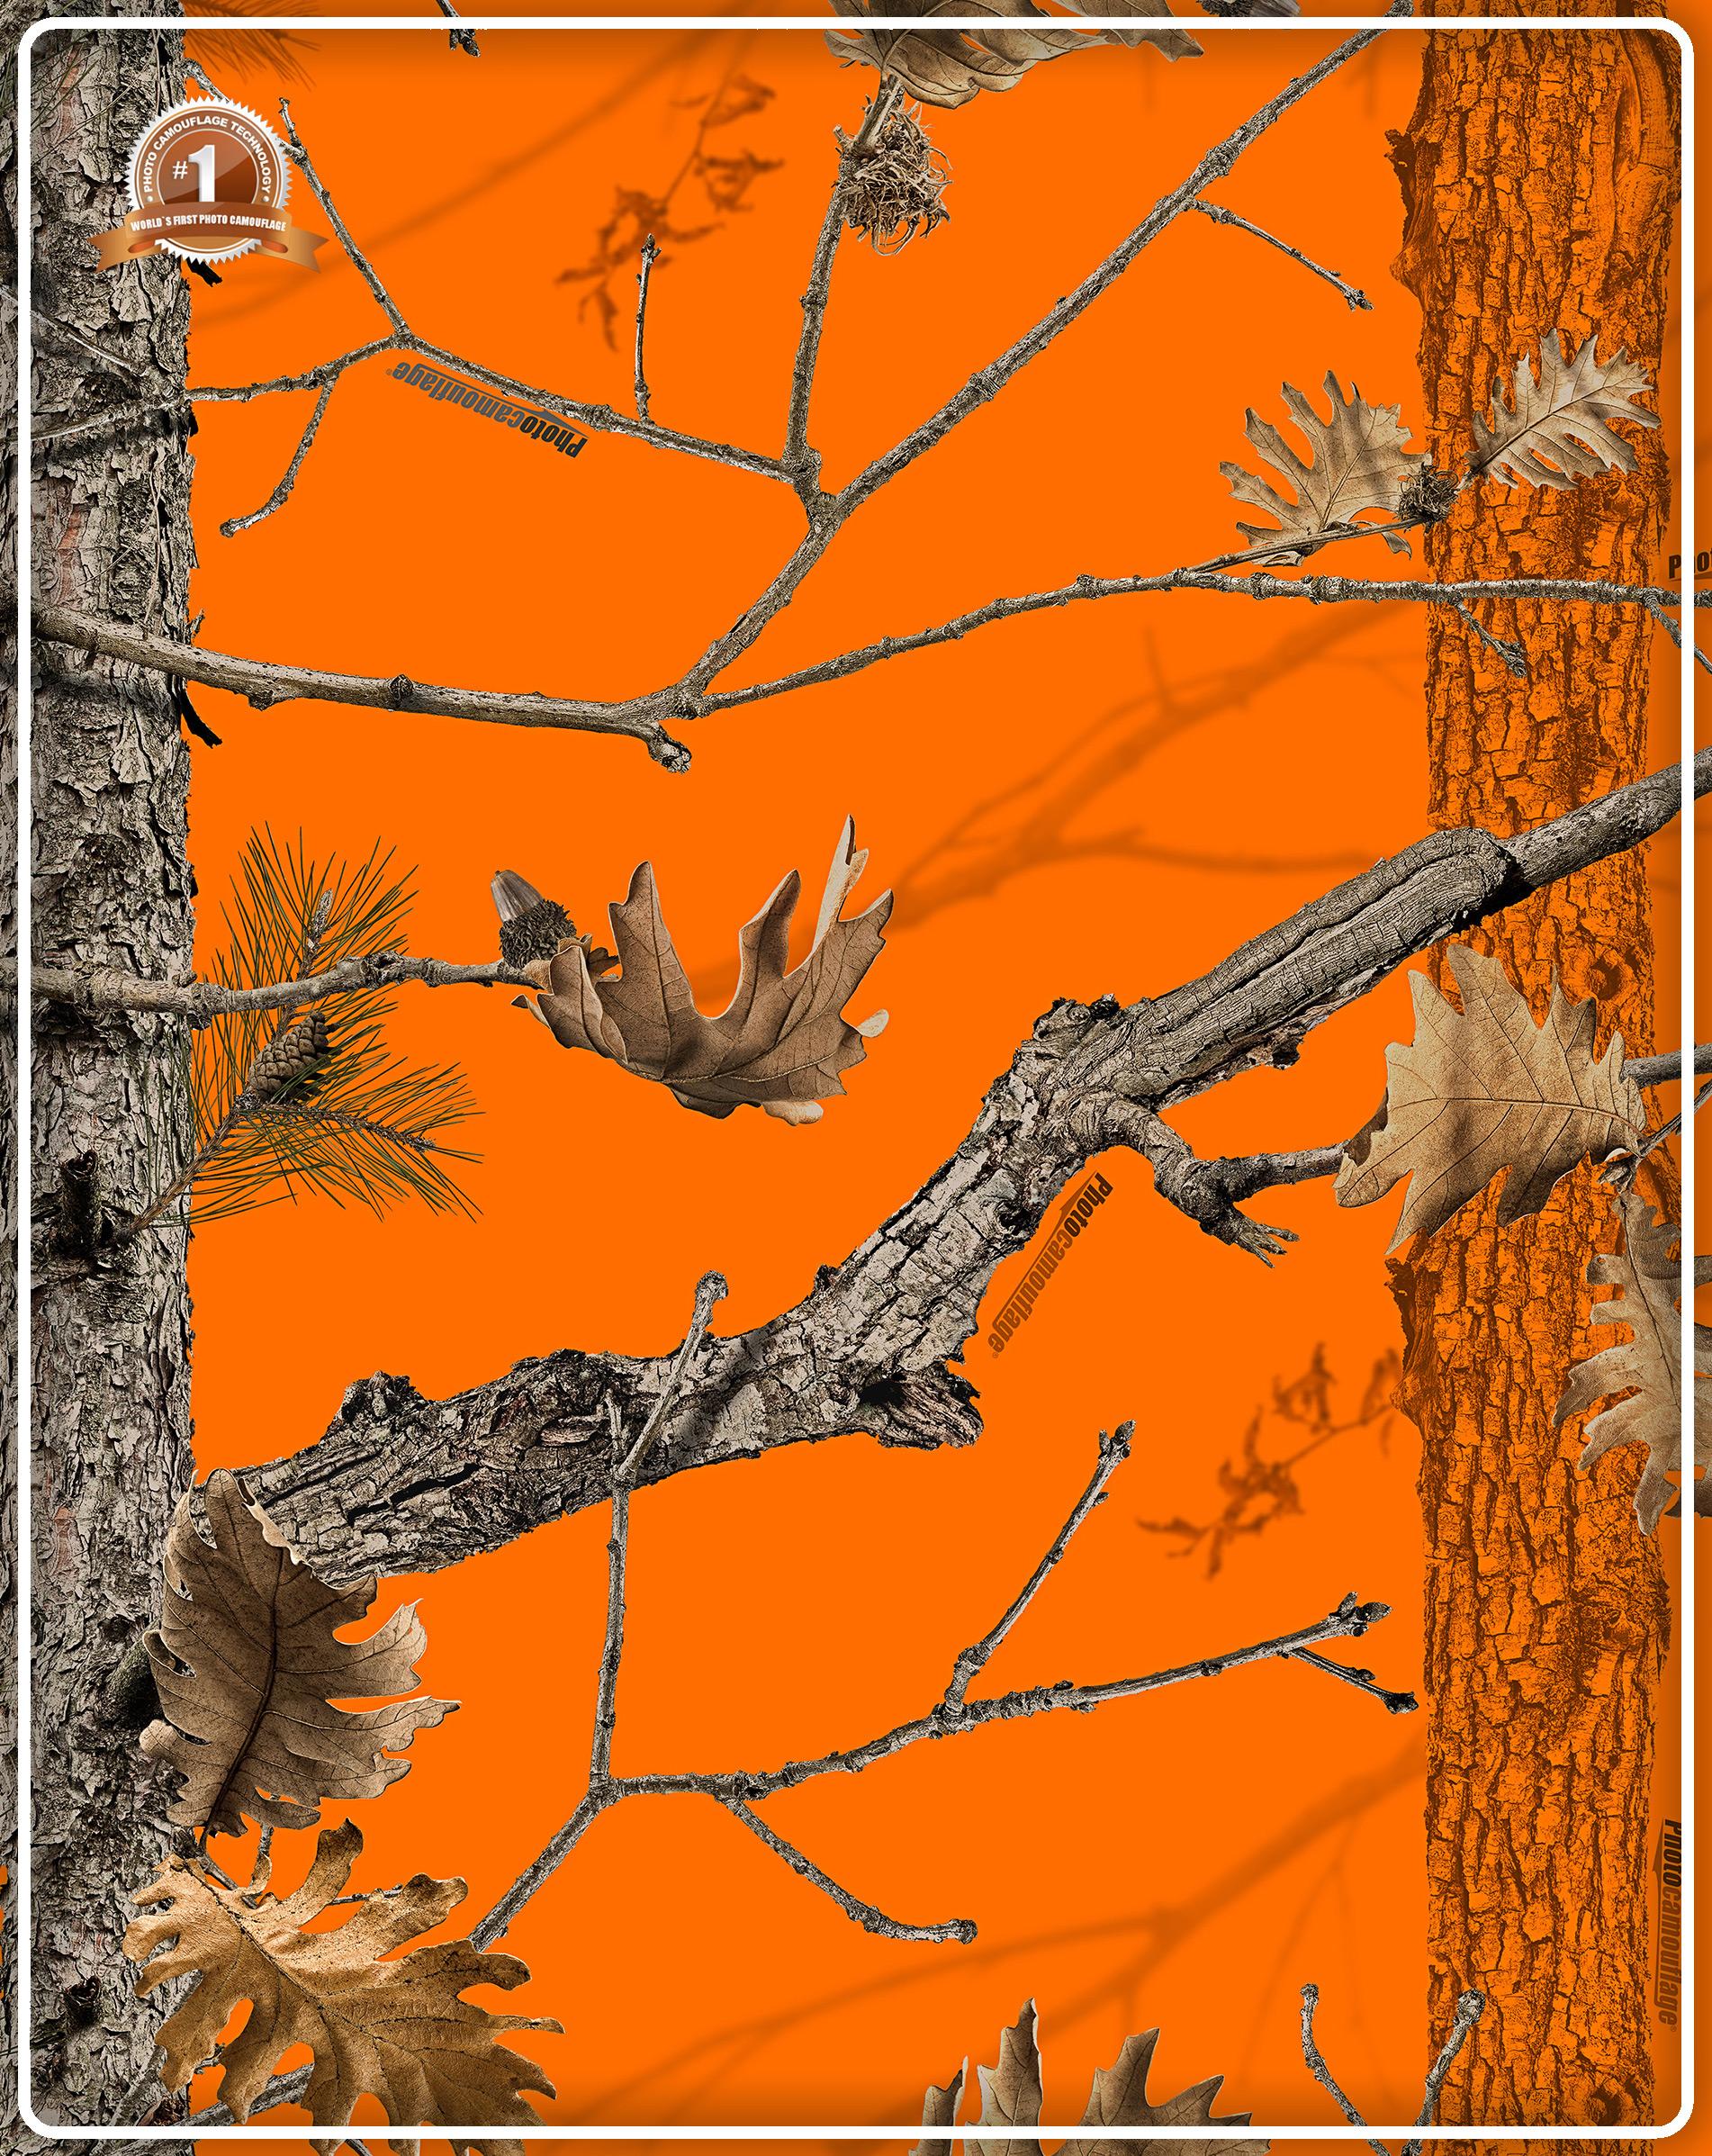 Orange realtree camo wallpaper